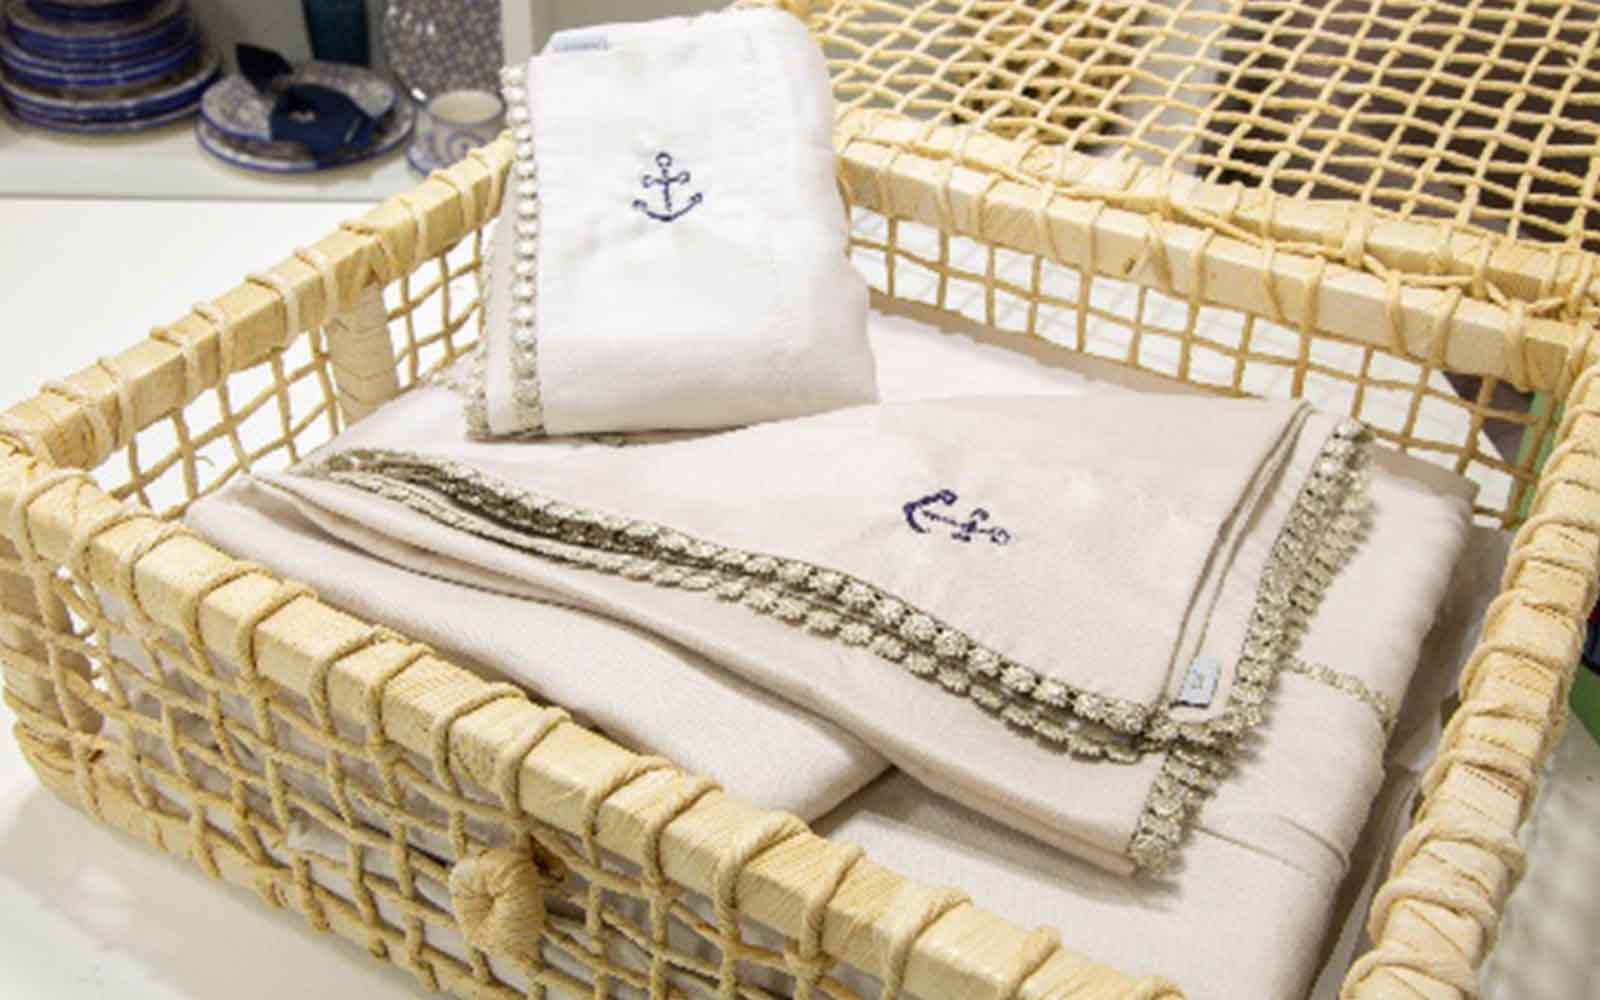 tay marine inaugura show room - boat shopping